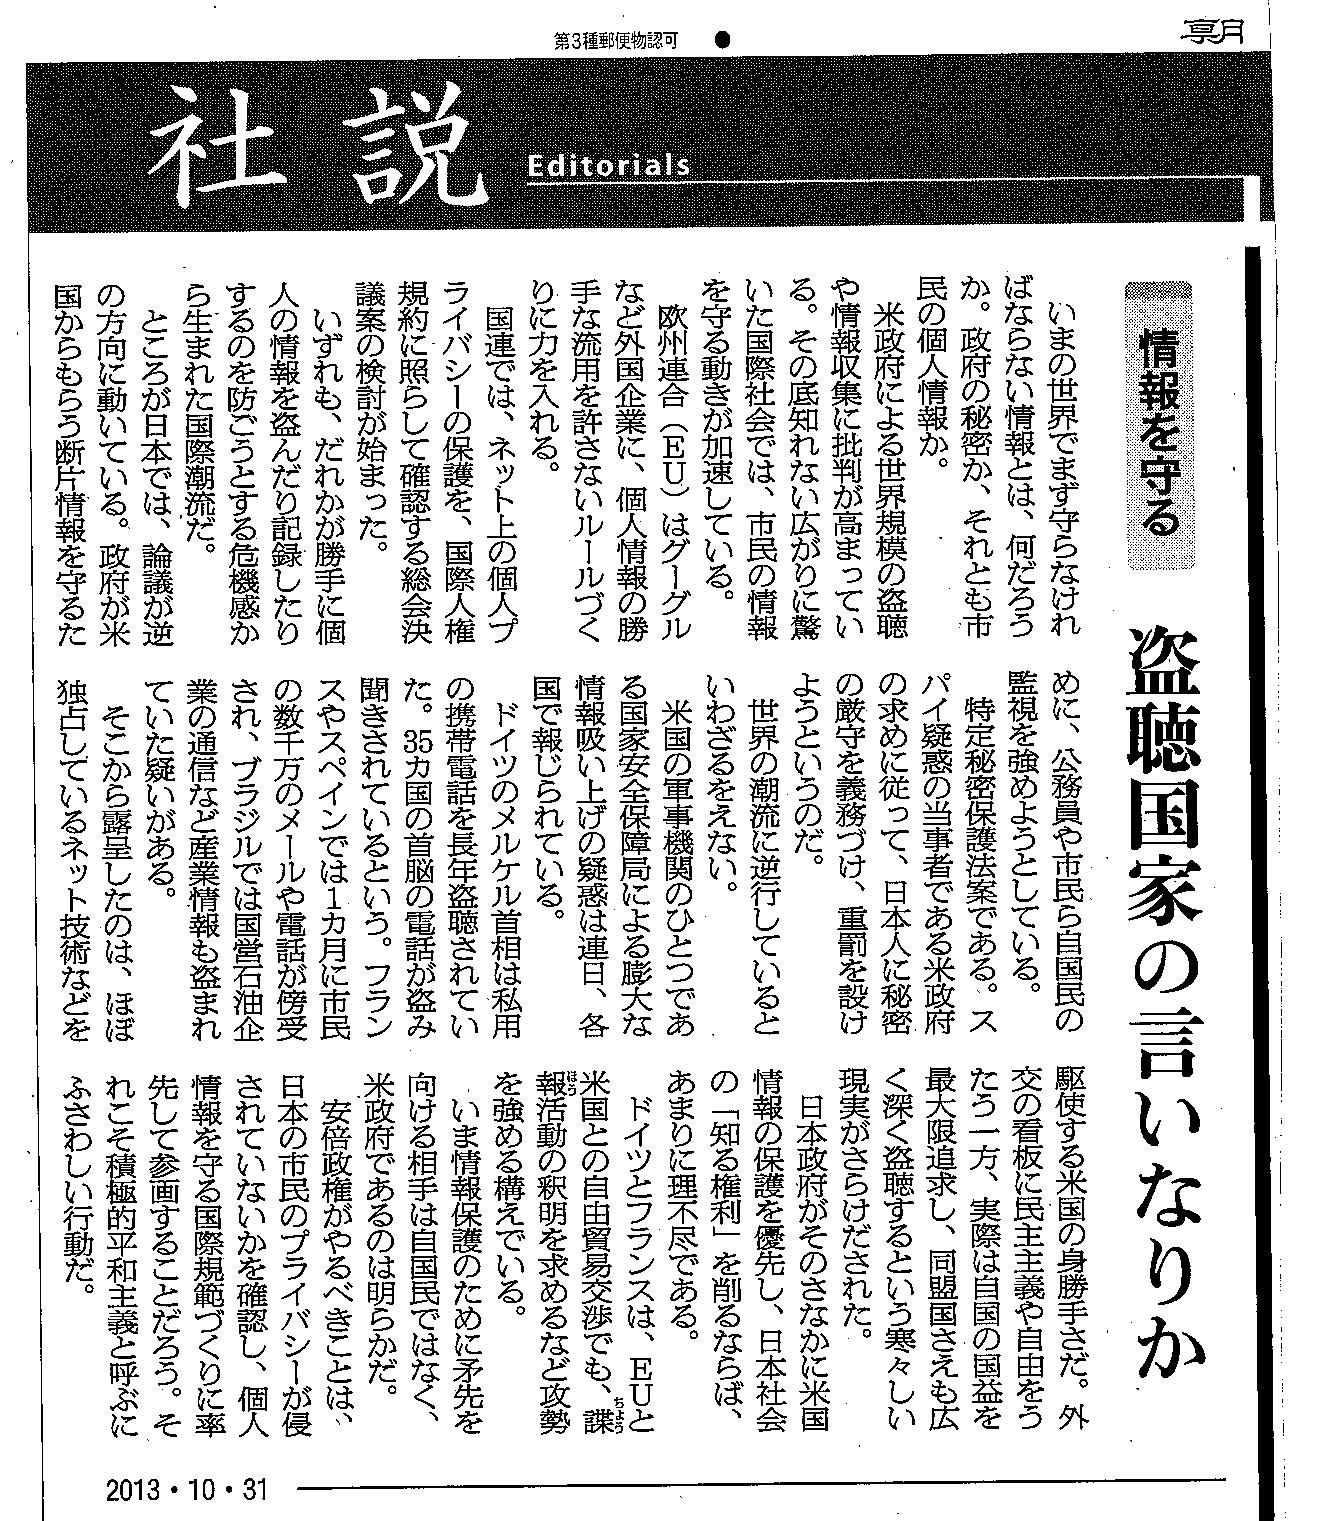 Himitsuhogohouasahisyasetu2_2